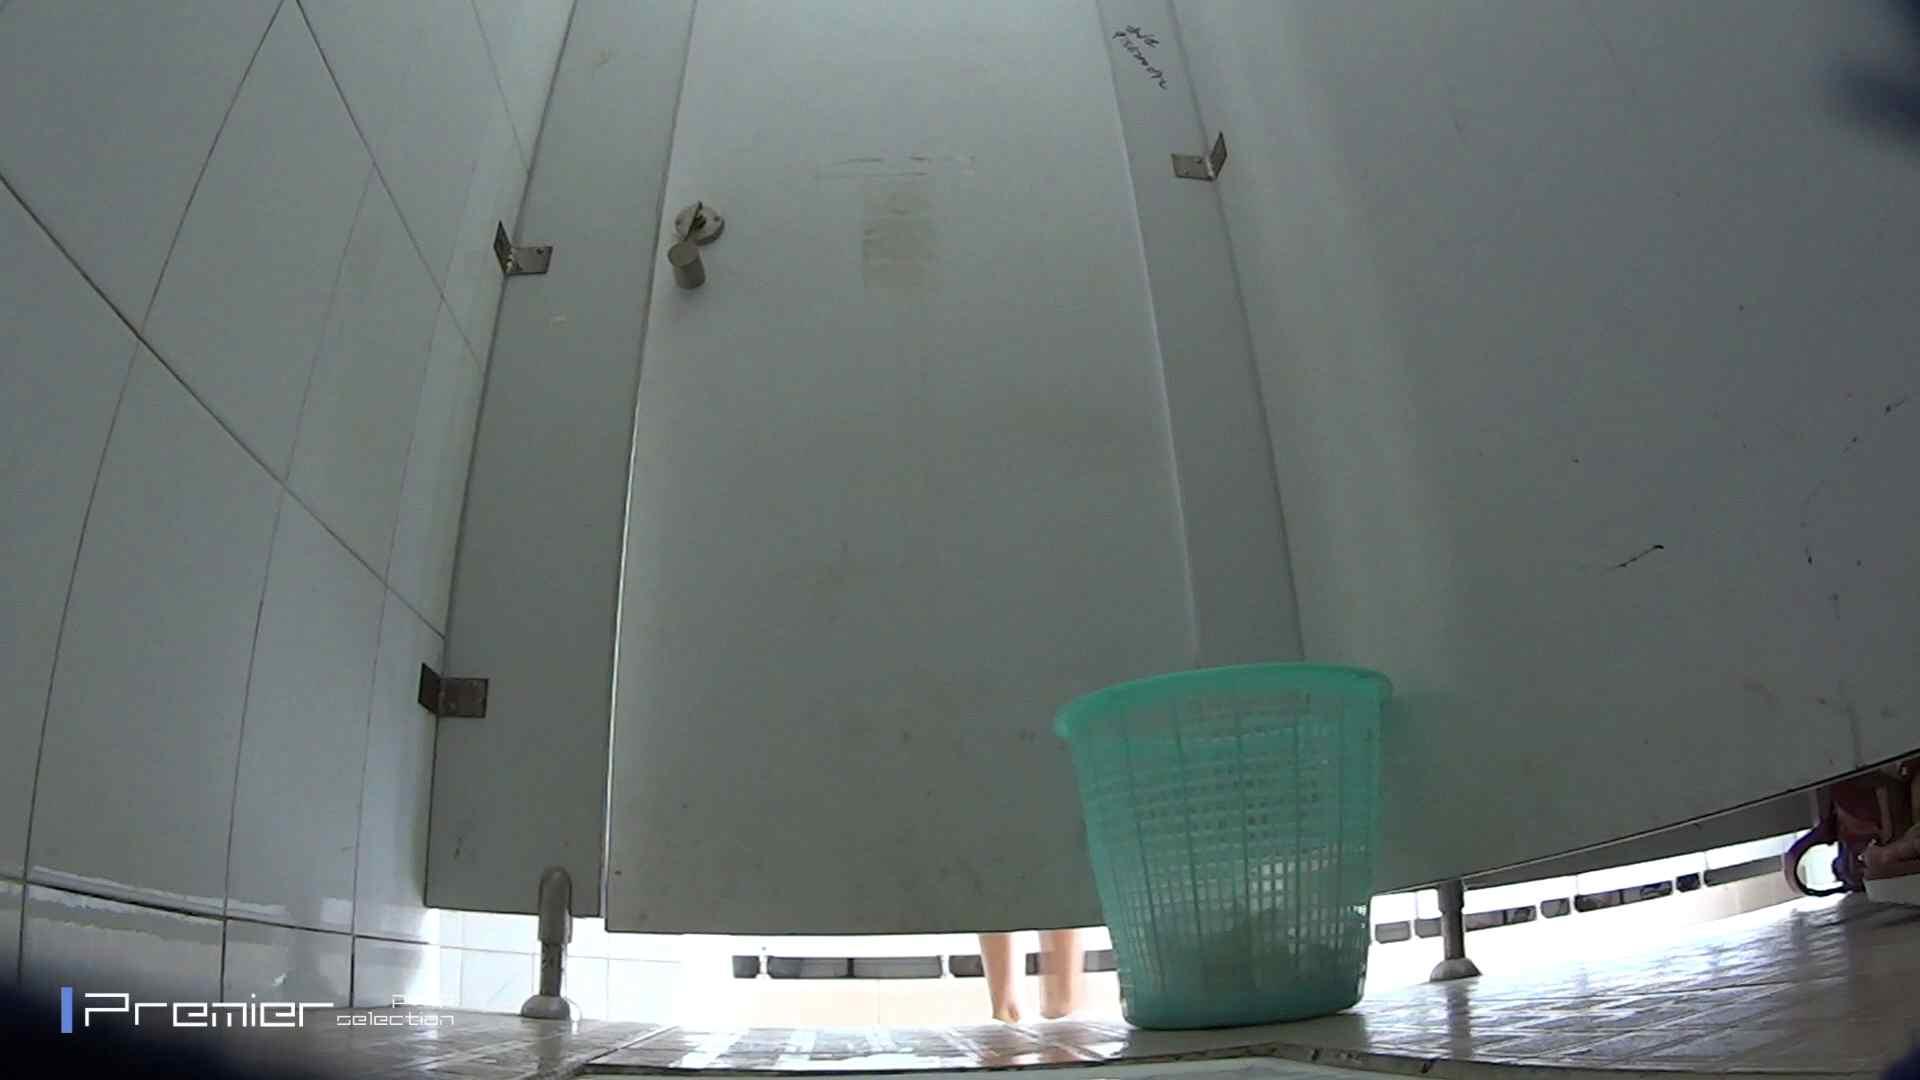 美しい女良たちのトイレ事情 有名大学休憩時間の洗面所事情06 洗面所 ヌード画像 56画像 30